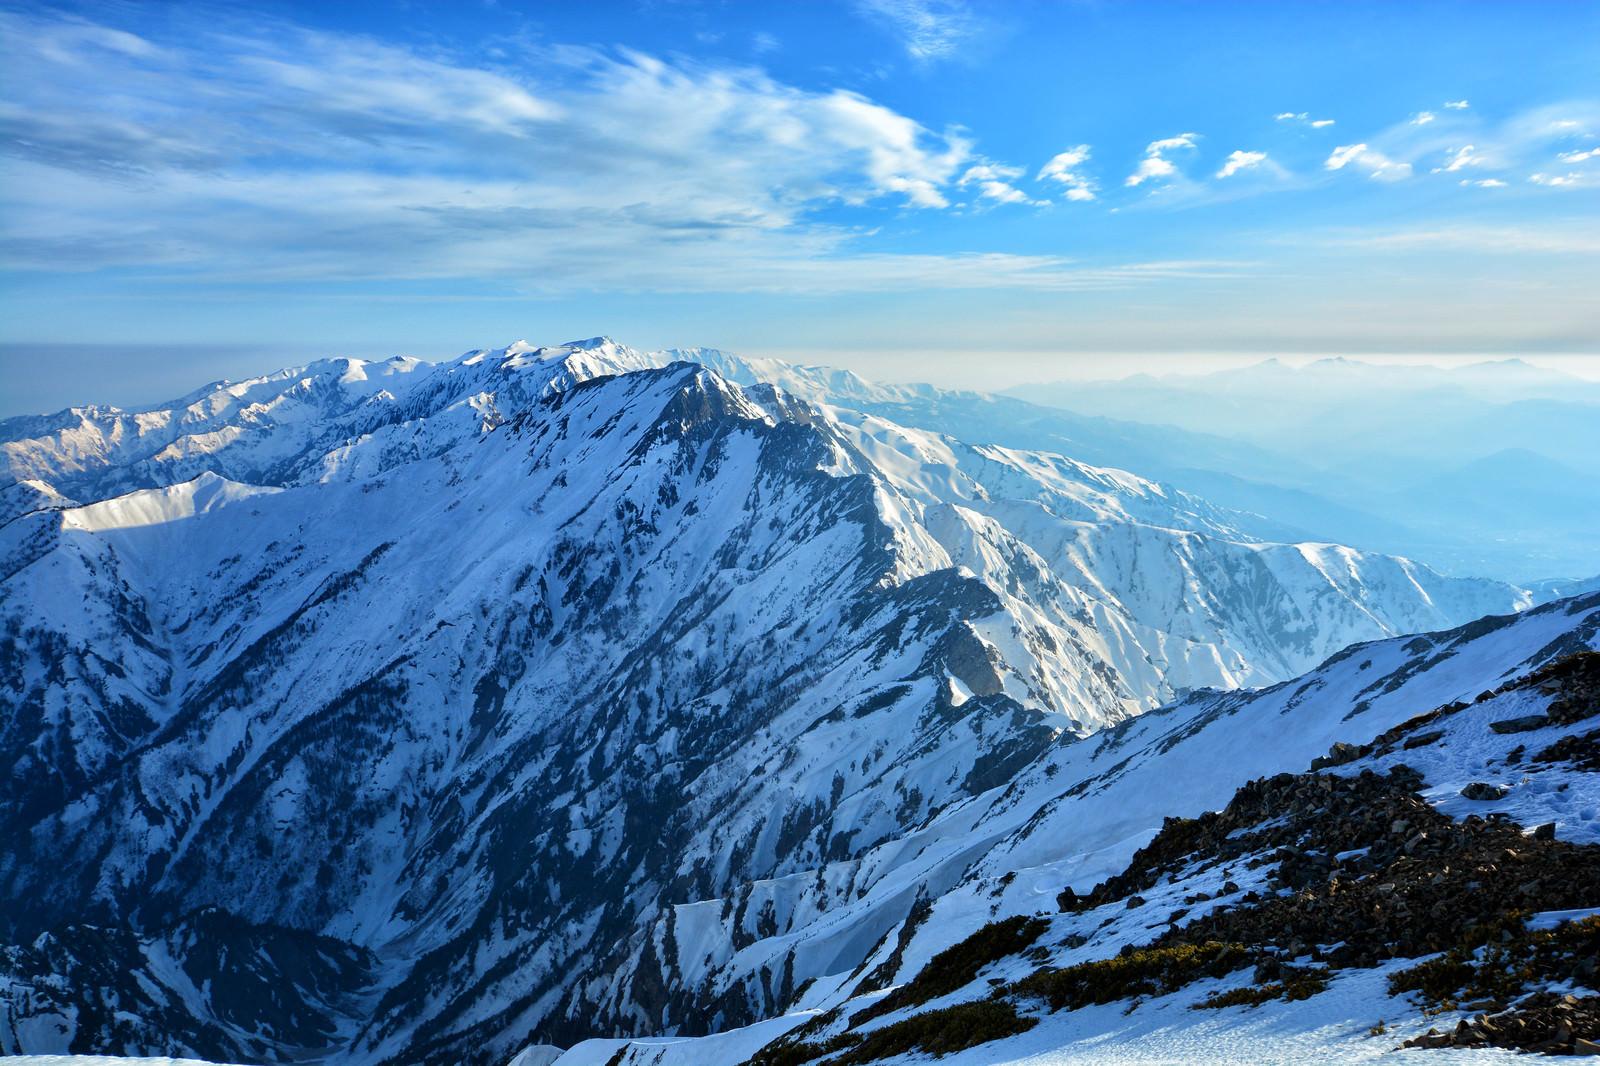 「残雪の五竜岳と八峰キレット(北アルプス)」の写真